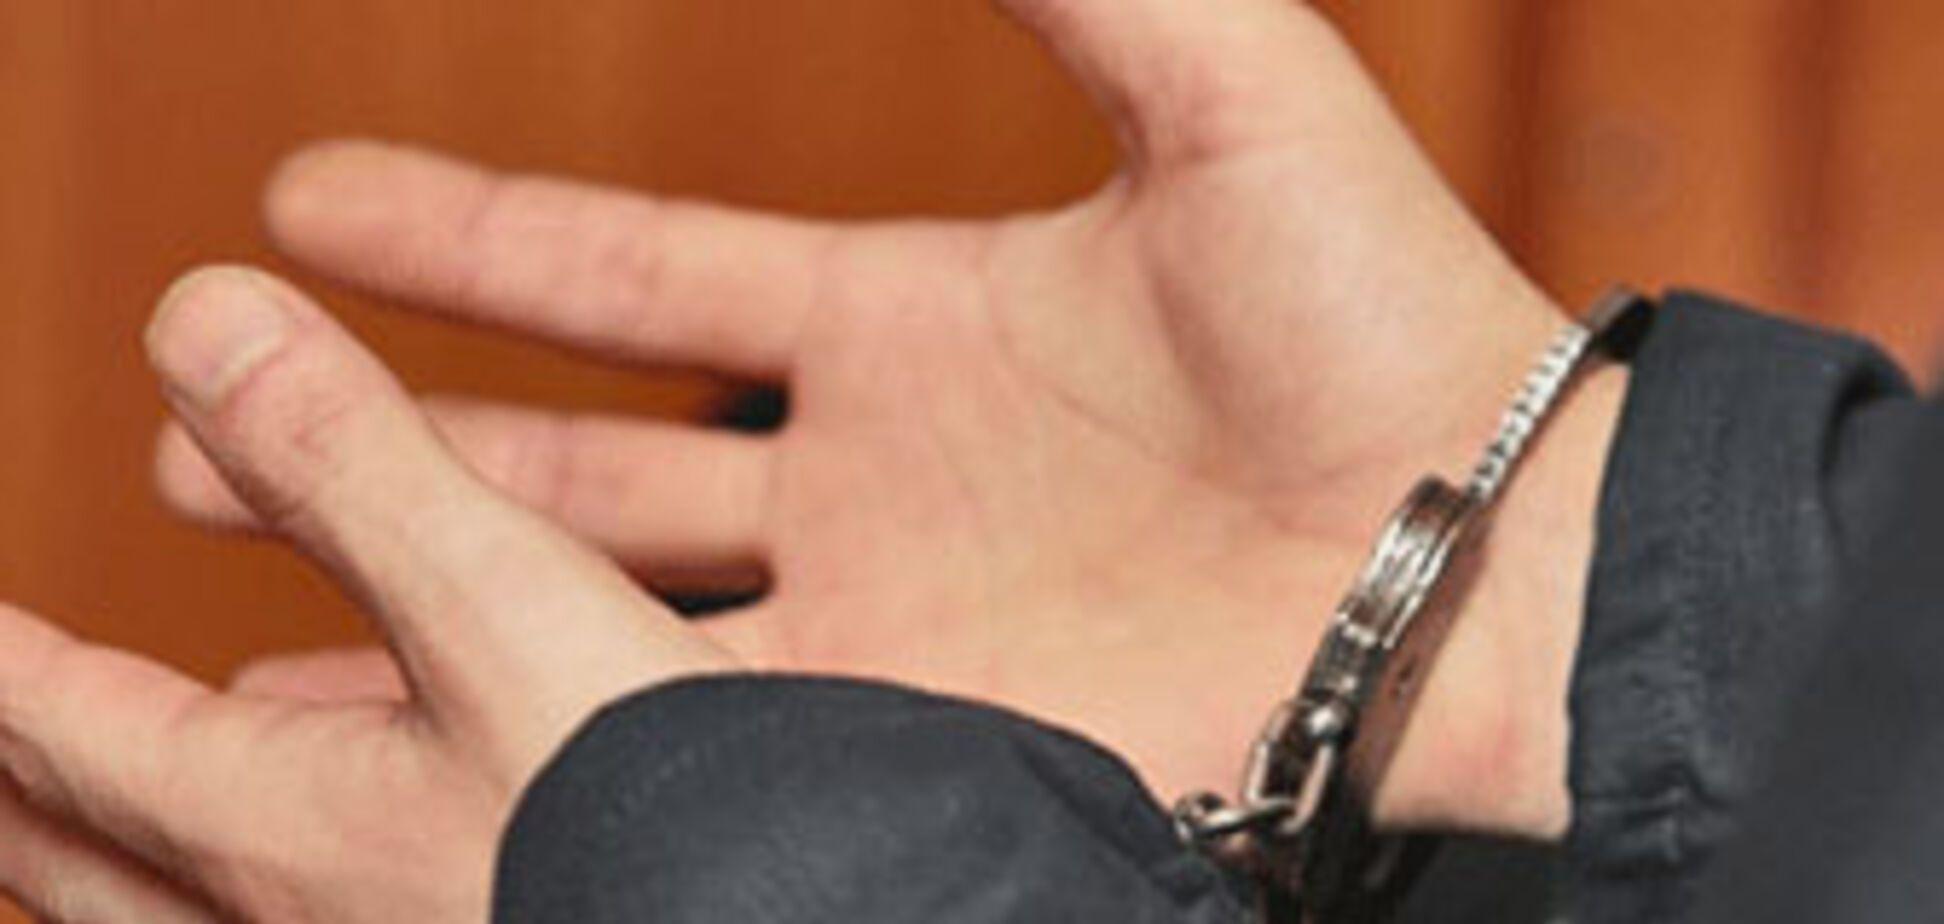 Заарештовано депутата - помічник кримінального авторитета